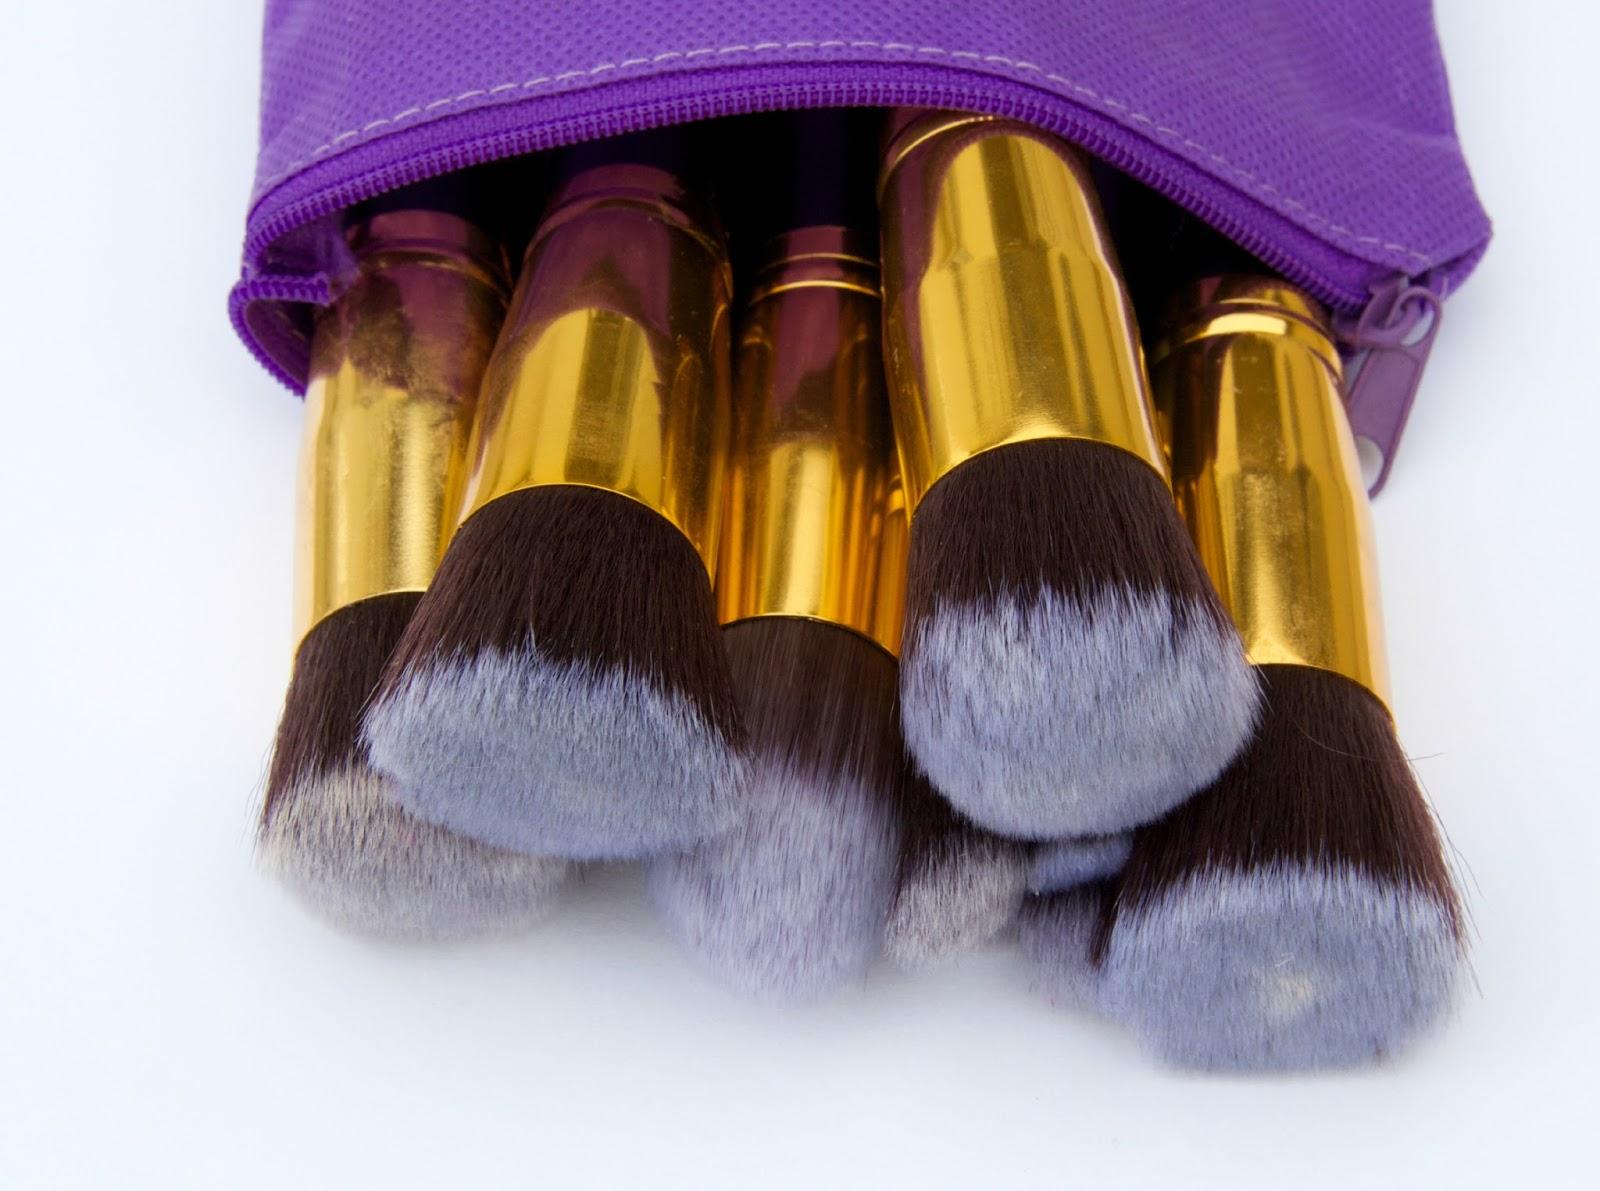 bellange makeup brush set review